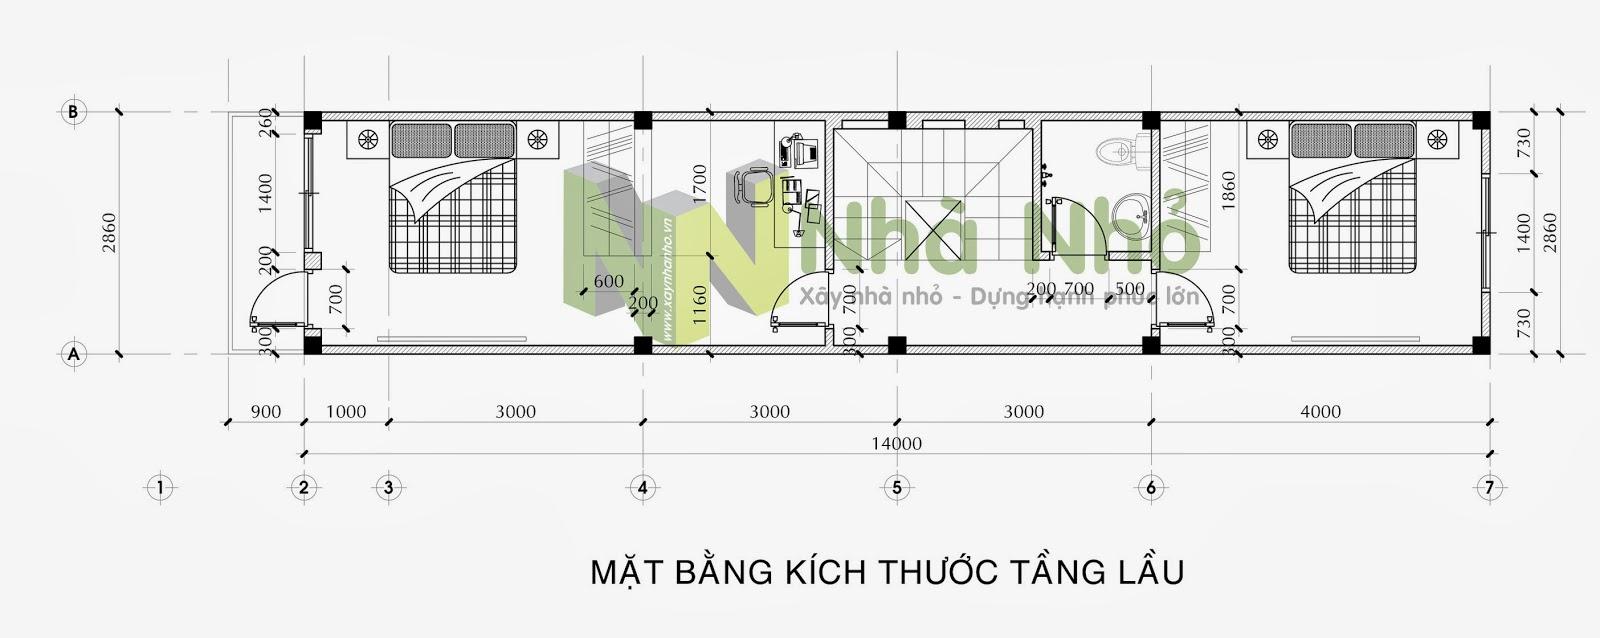 thiet-ke-xay-dung-nha-nho-hai-tang-39m2-lau